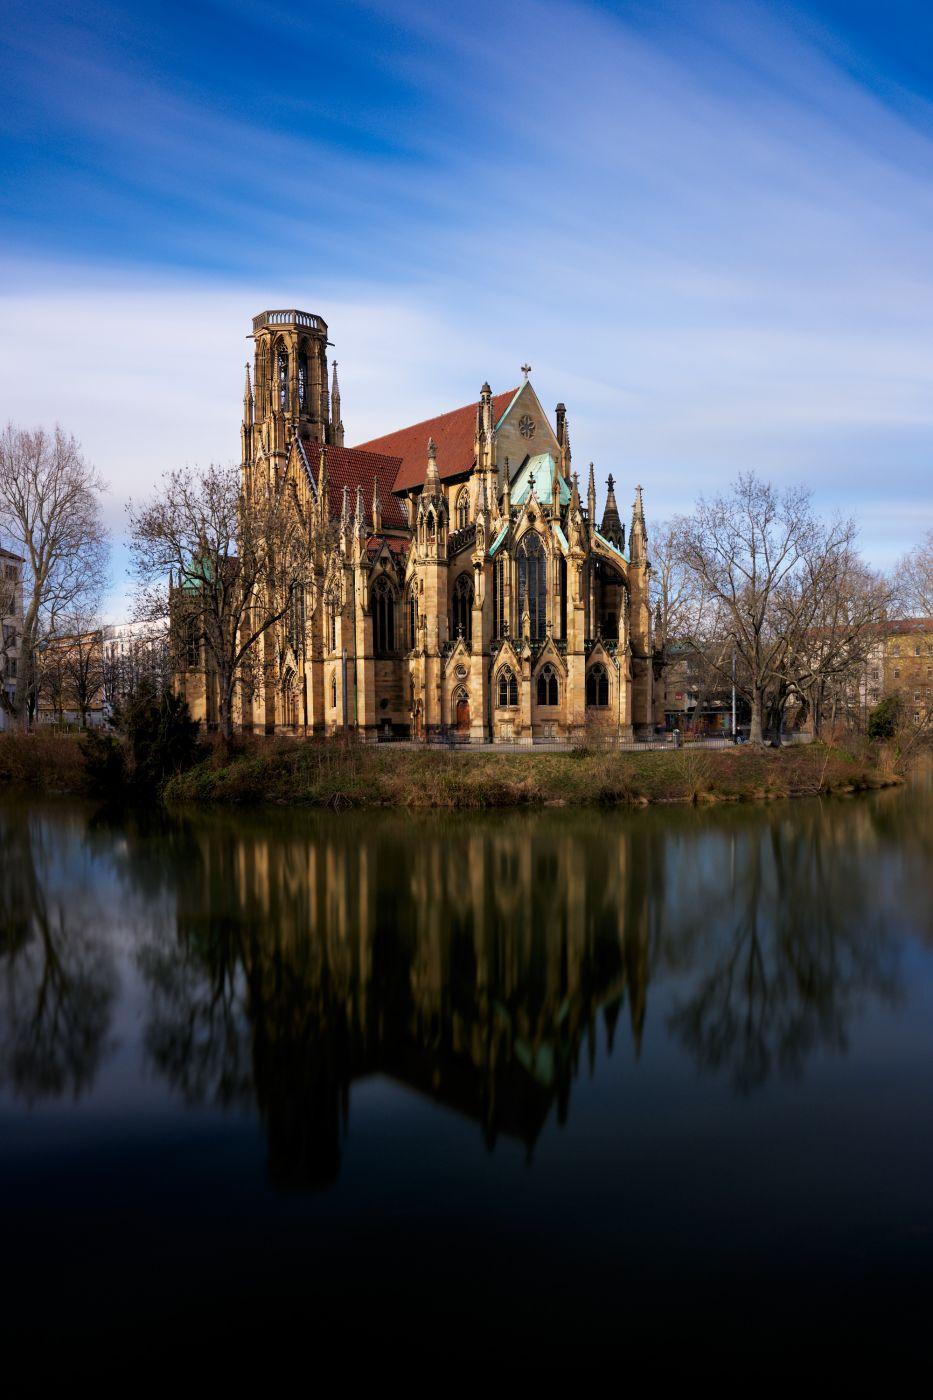 Feuersee / Johanneskirche, Germany